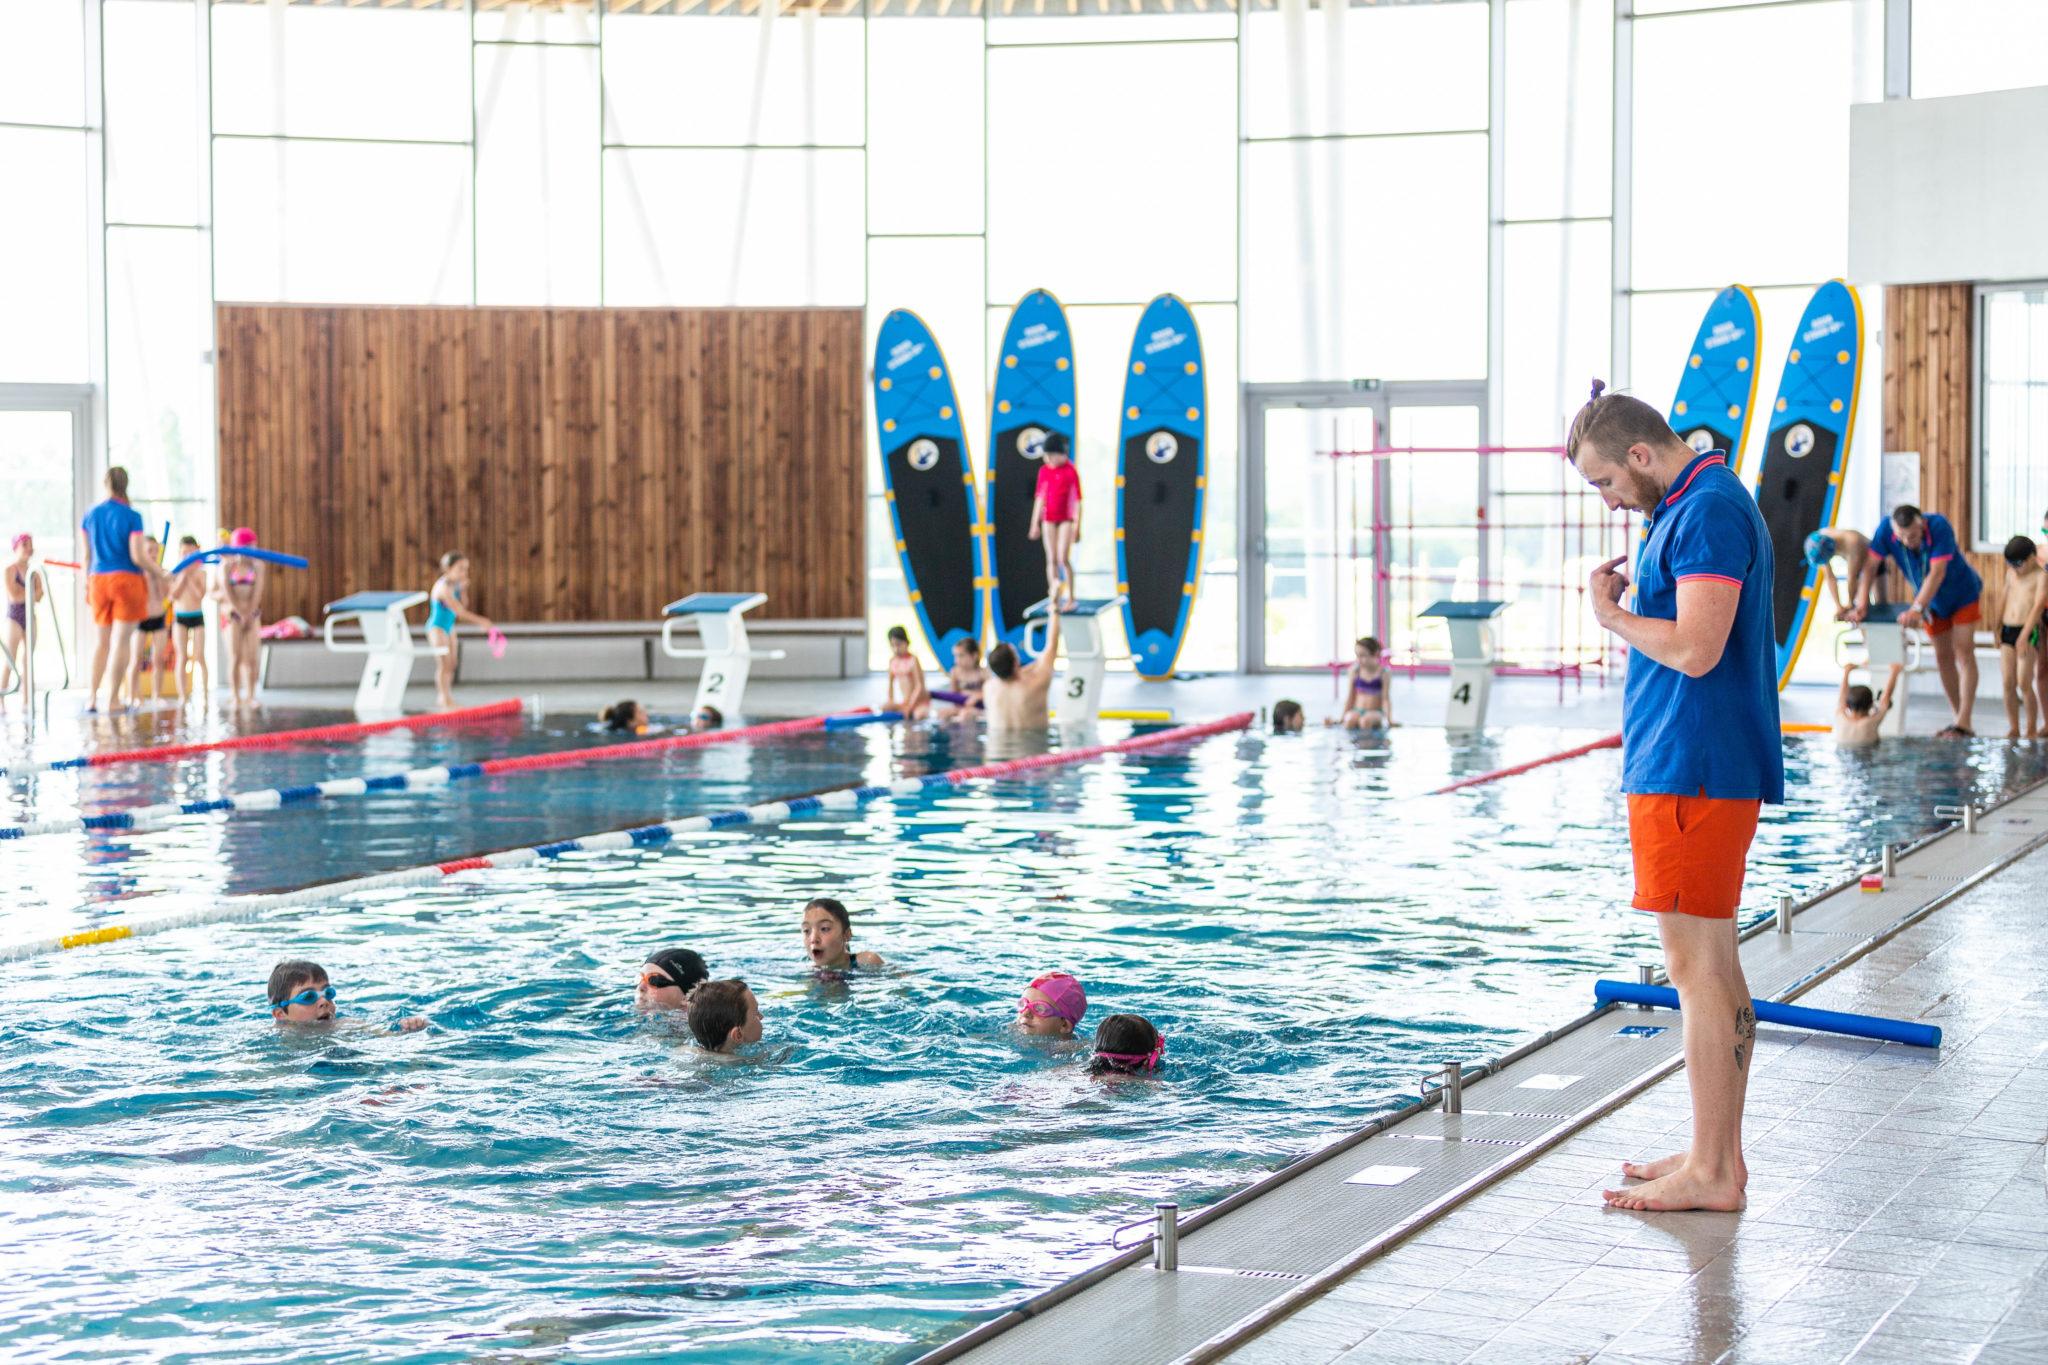 J'apprends - Activité Découverte - Aqua Bulles Centre Aquatique intérieur Piscine Saint Fulgent